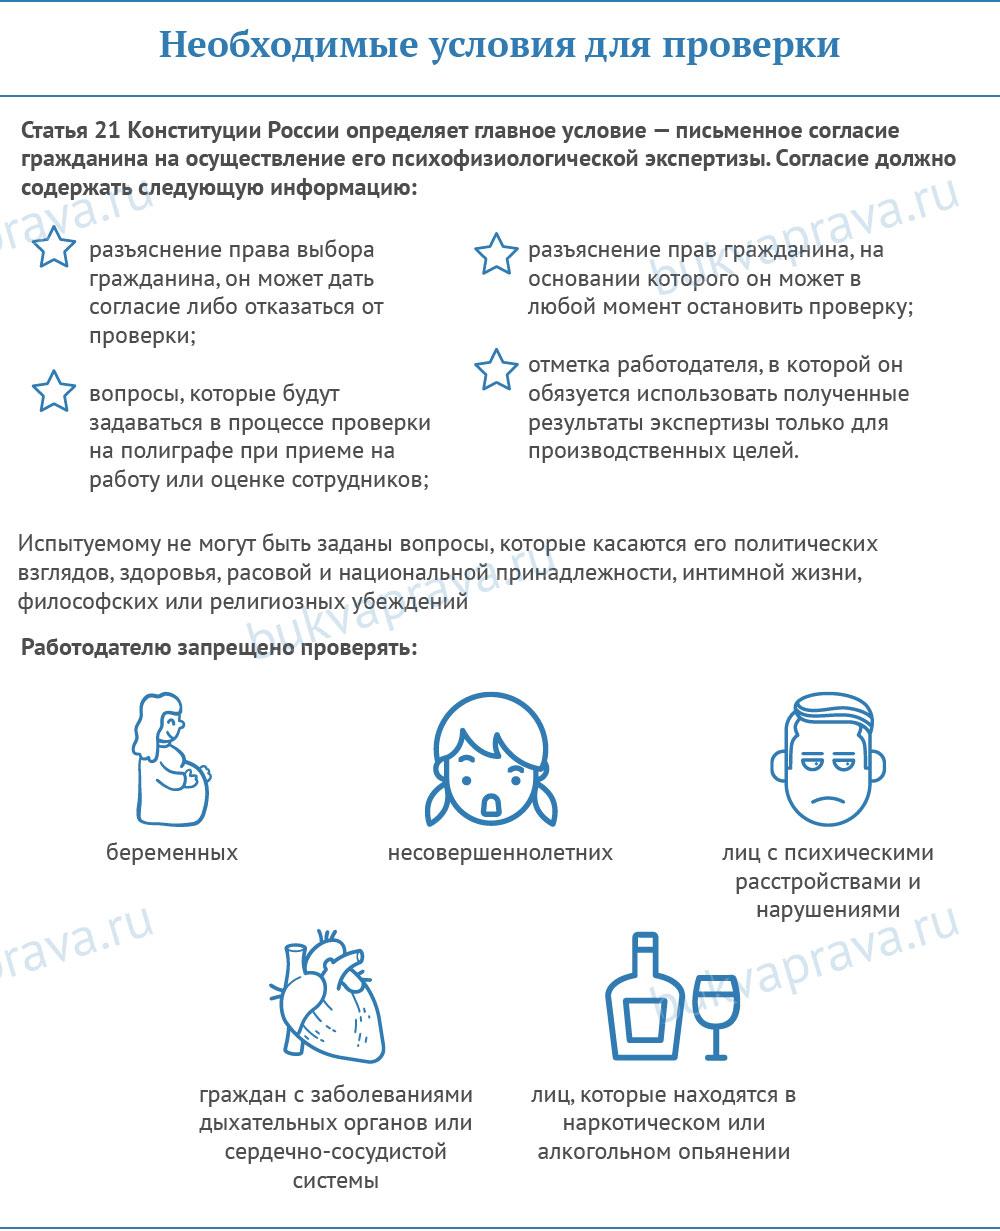 neobhodimye-usloviya-dlya-proverki